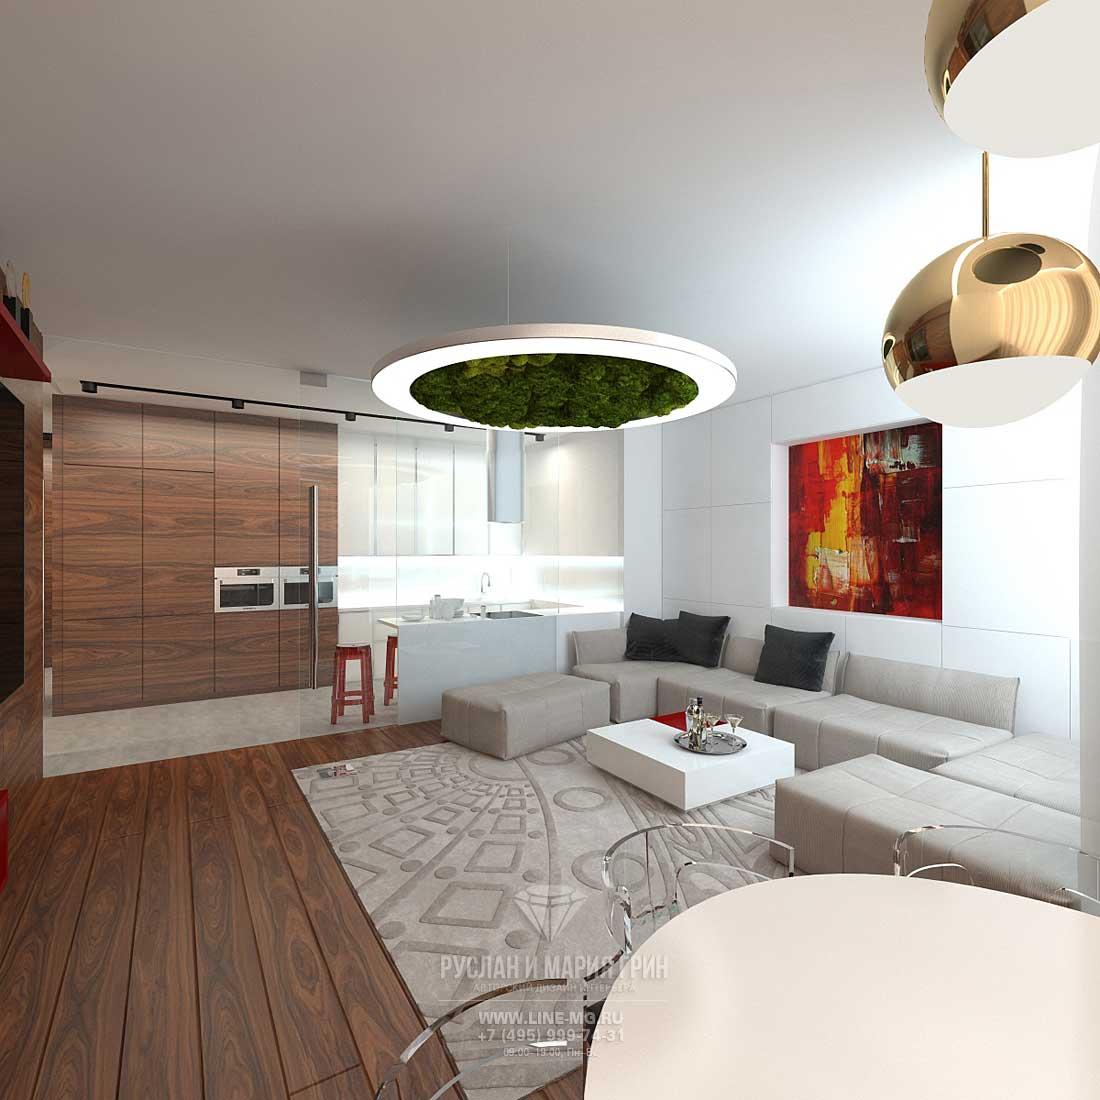 Дизайн гостиной, совмещенной с кухней. Фото трехкомнатной квартиры